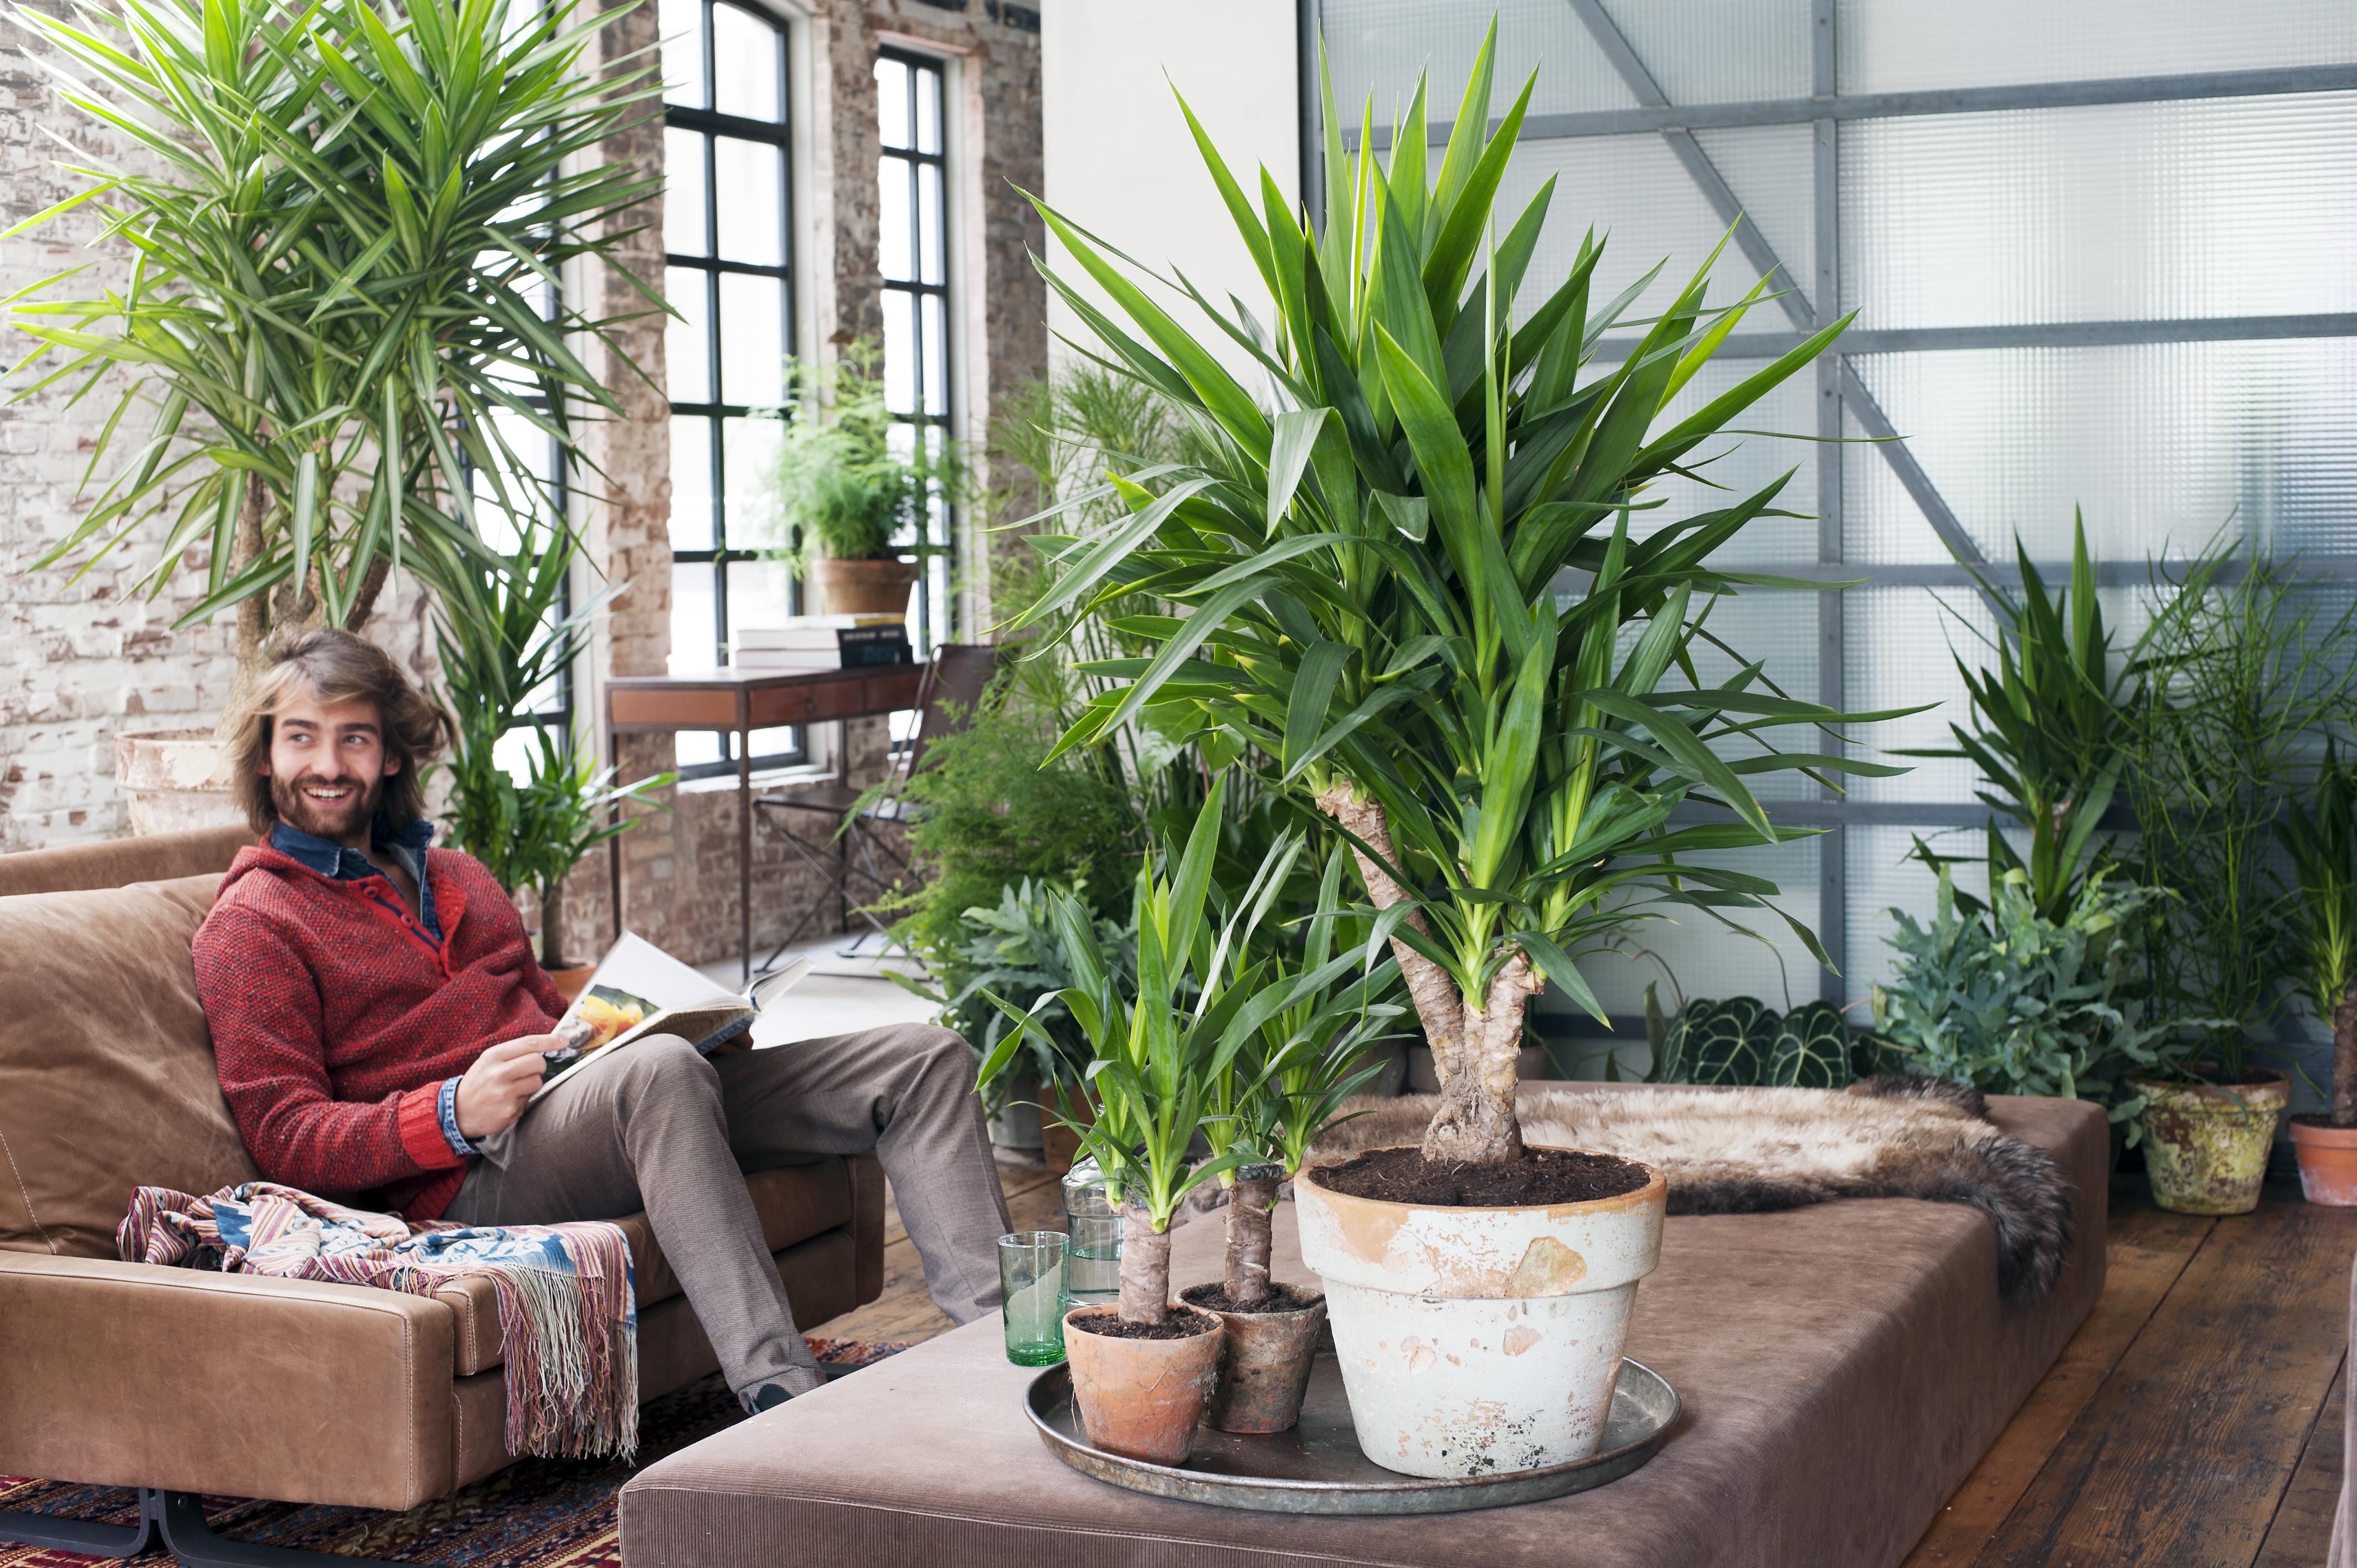 Le yucca a chaque mois sa plante janvier 2015 office for Orchidee exterieur